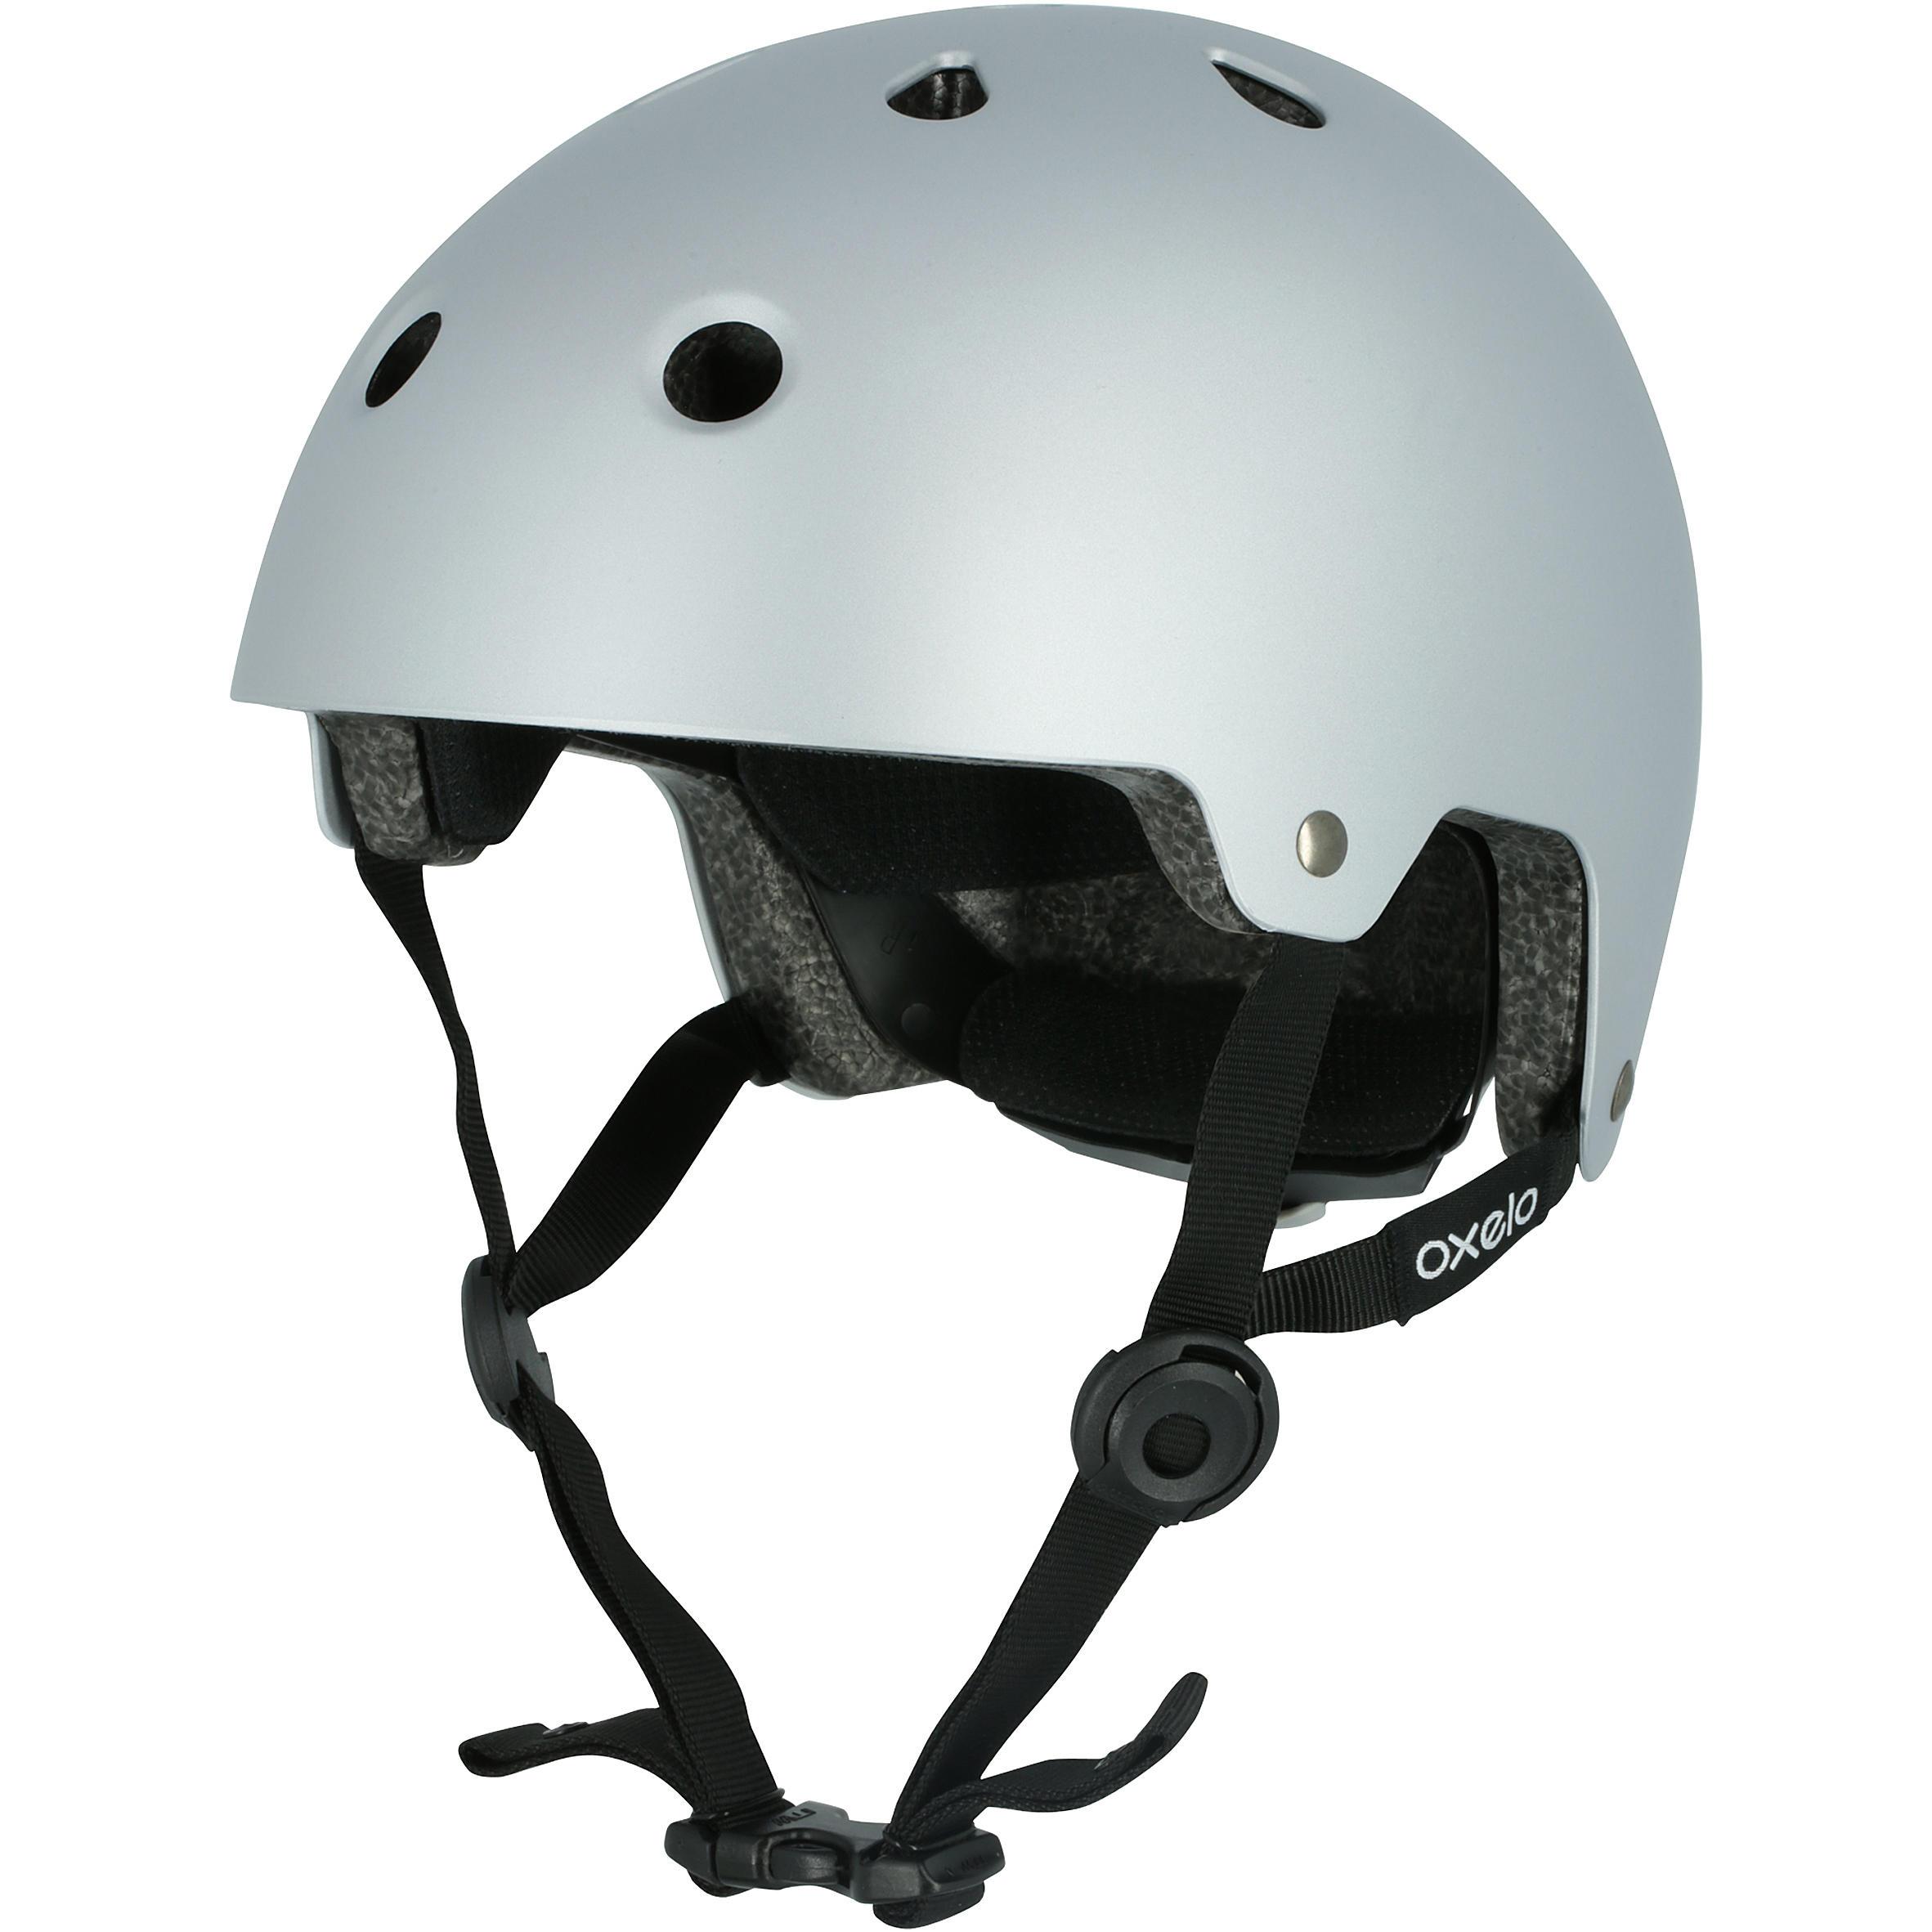 Casque patins à roulettes, planche à roulettes, trottinette, vélo PLAY 5 gris